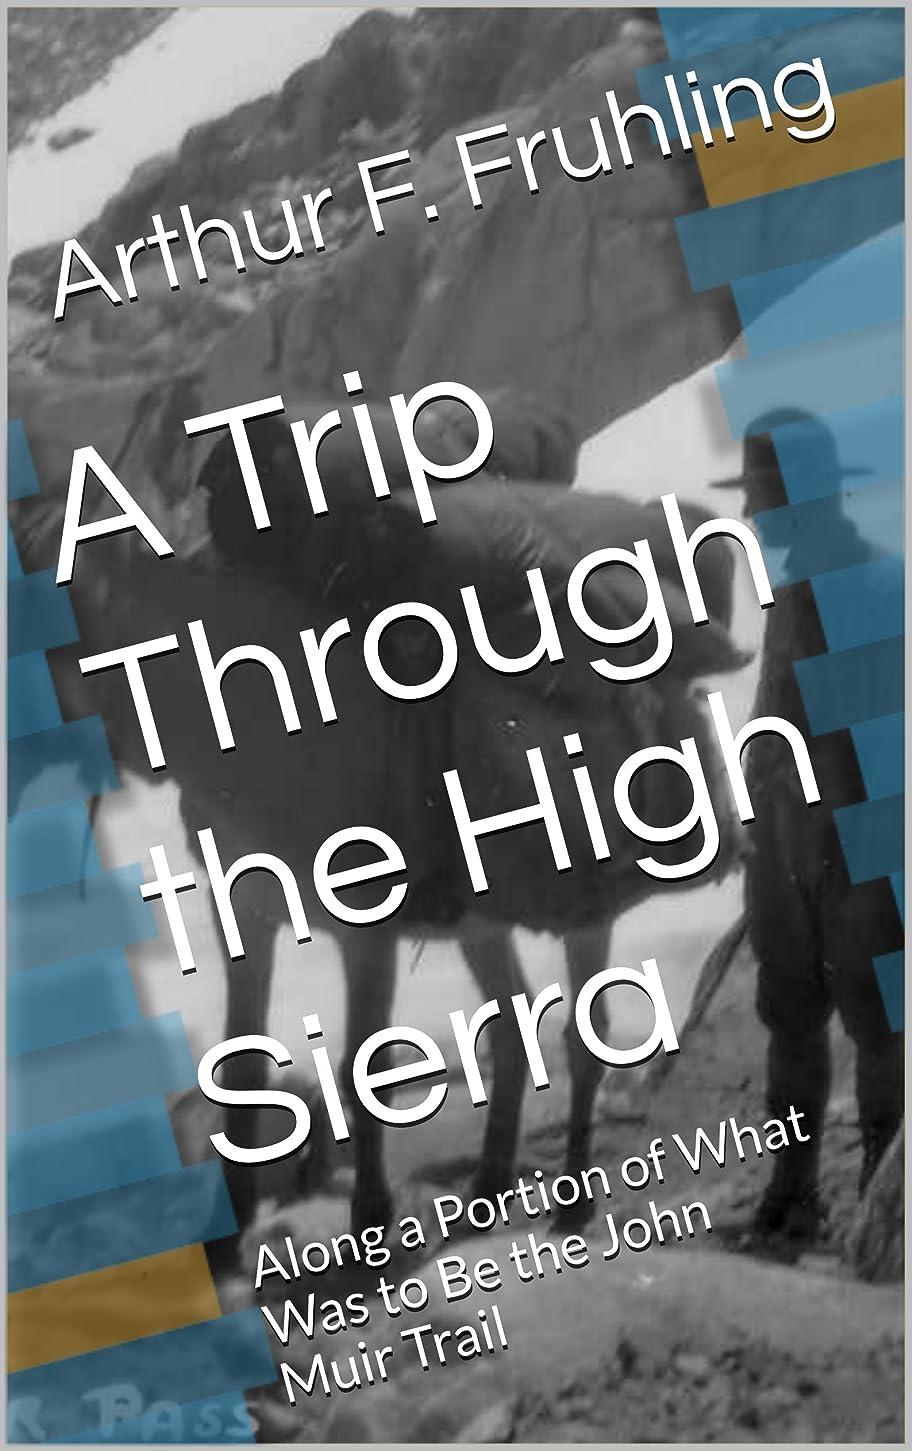 ペット最初はドアA Trip Through the High Sierra: Along a Portion of What Was to Be the John Muir Trail (English Edition)